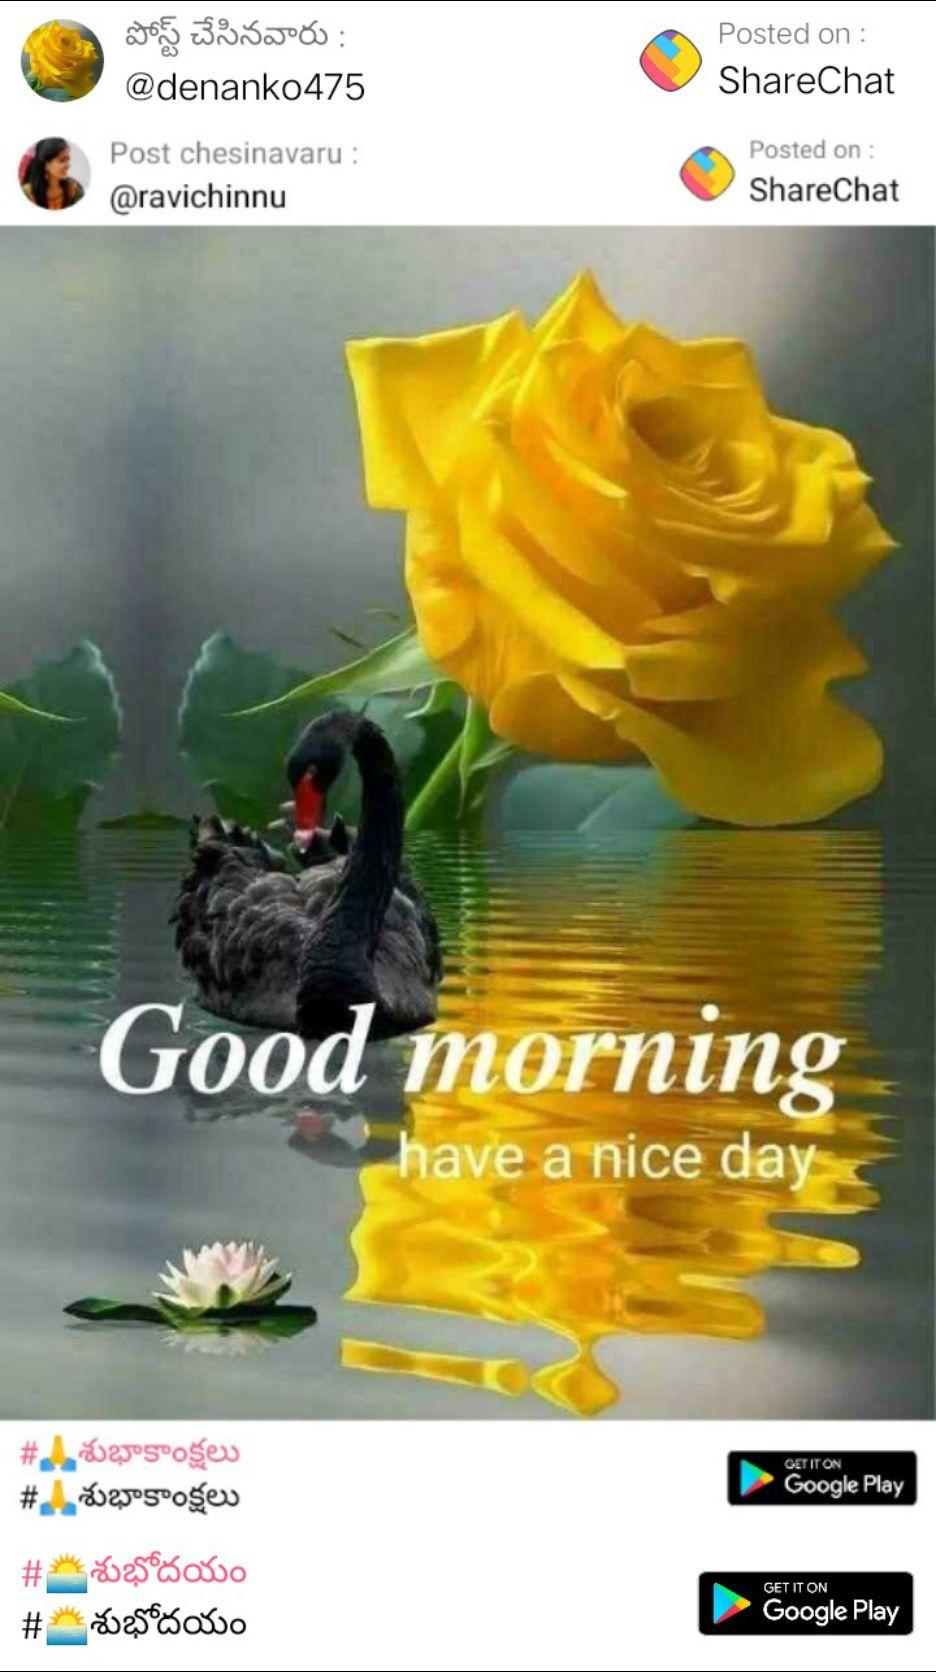 🌅శుభోదయం - పోస్ట్ చేసినవారు : @ denank0475 Posted on : ShareChat Post chesinavaru : @ ravichinnu Posted on : ShareChat Good morning have a nice day # A శుభాకాంక్షలు # 4 శుభాకాంక్షలు GET IT ON Google Play GET IT ON # శుభోదయం # శుభోదయం Google Play - ShareChat